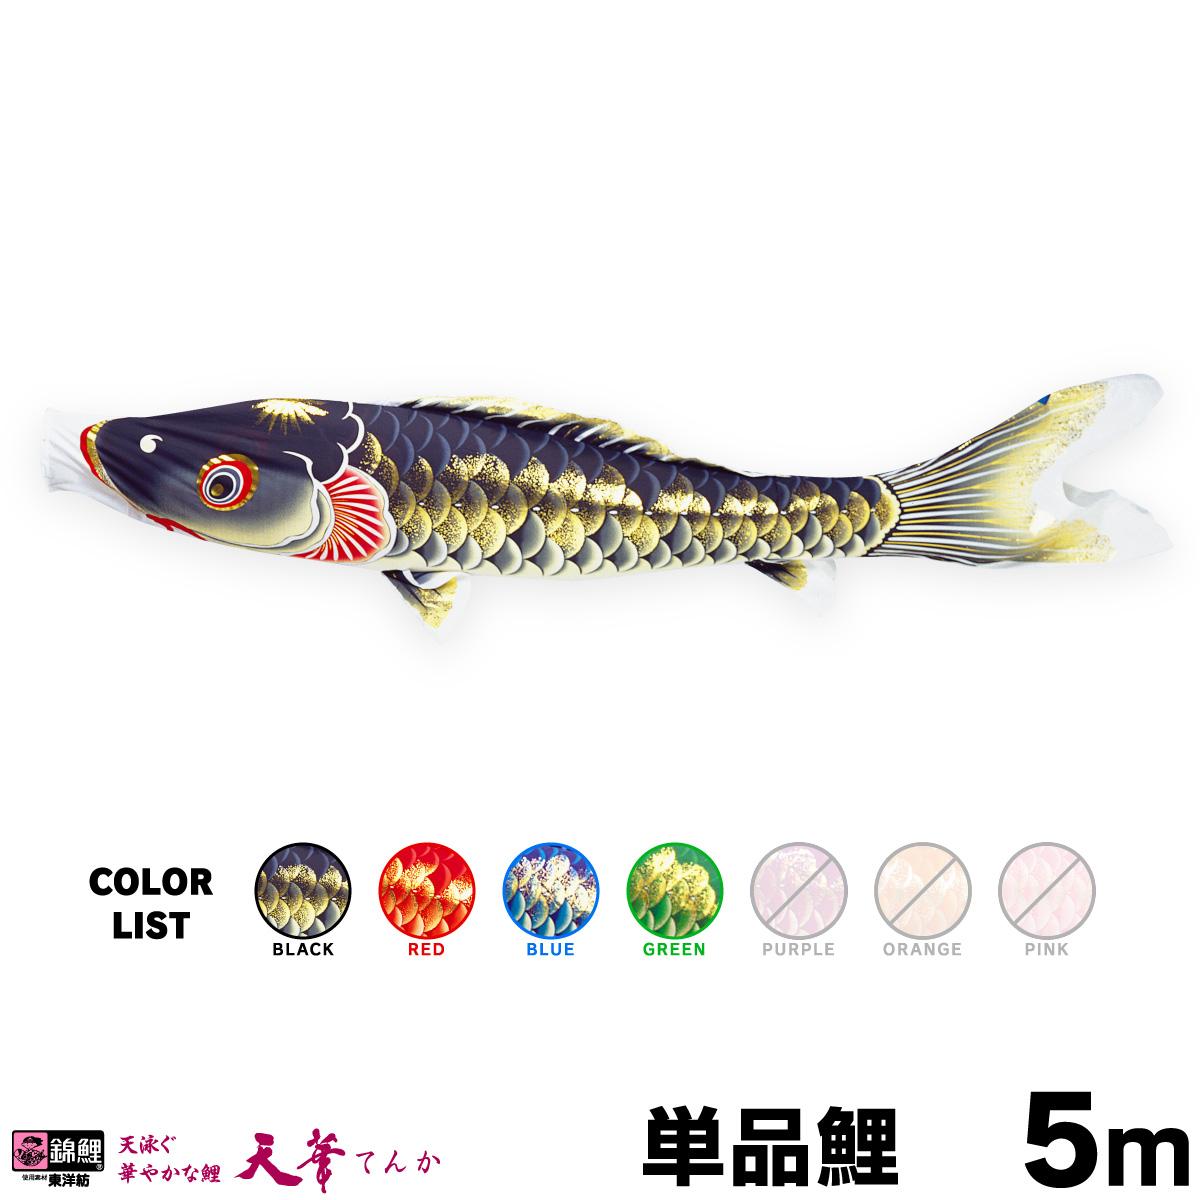 【こいのぼり 単品】 天華鯉 5m 単品鯉